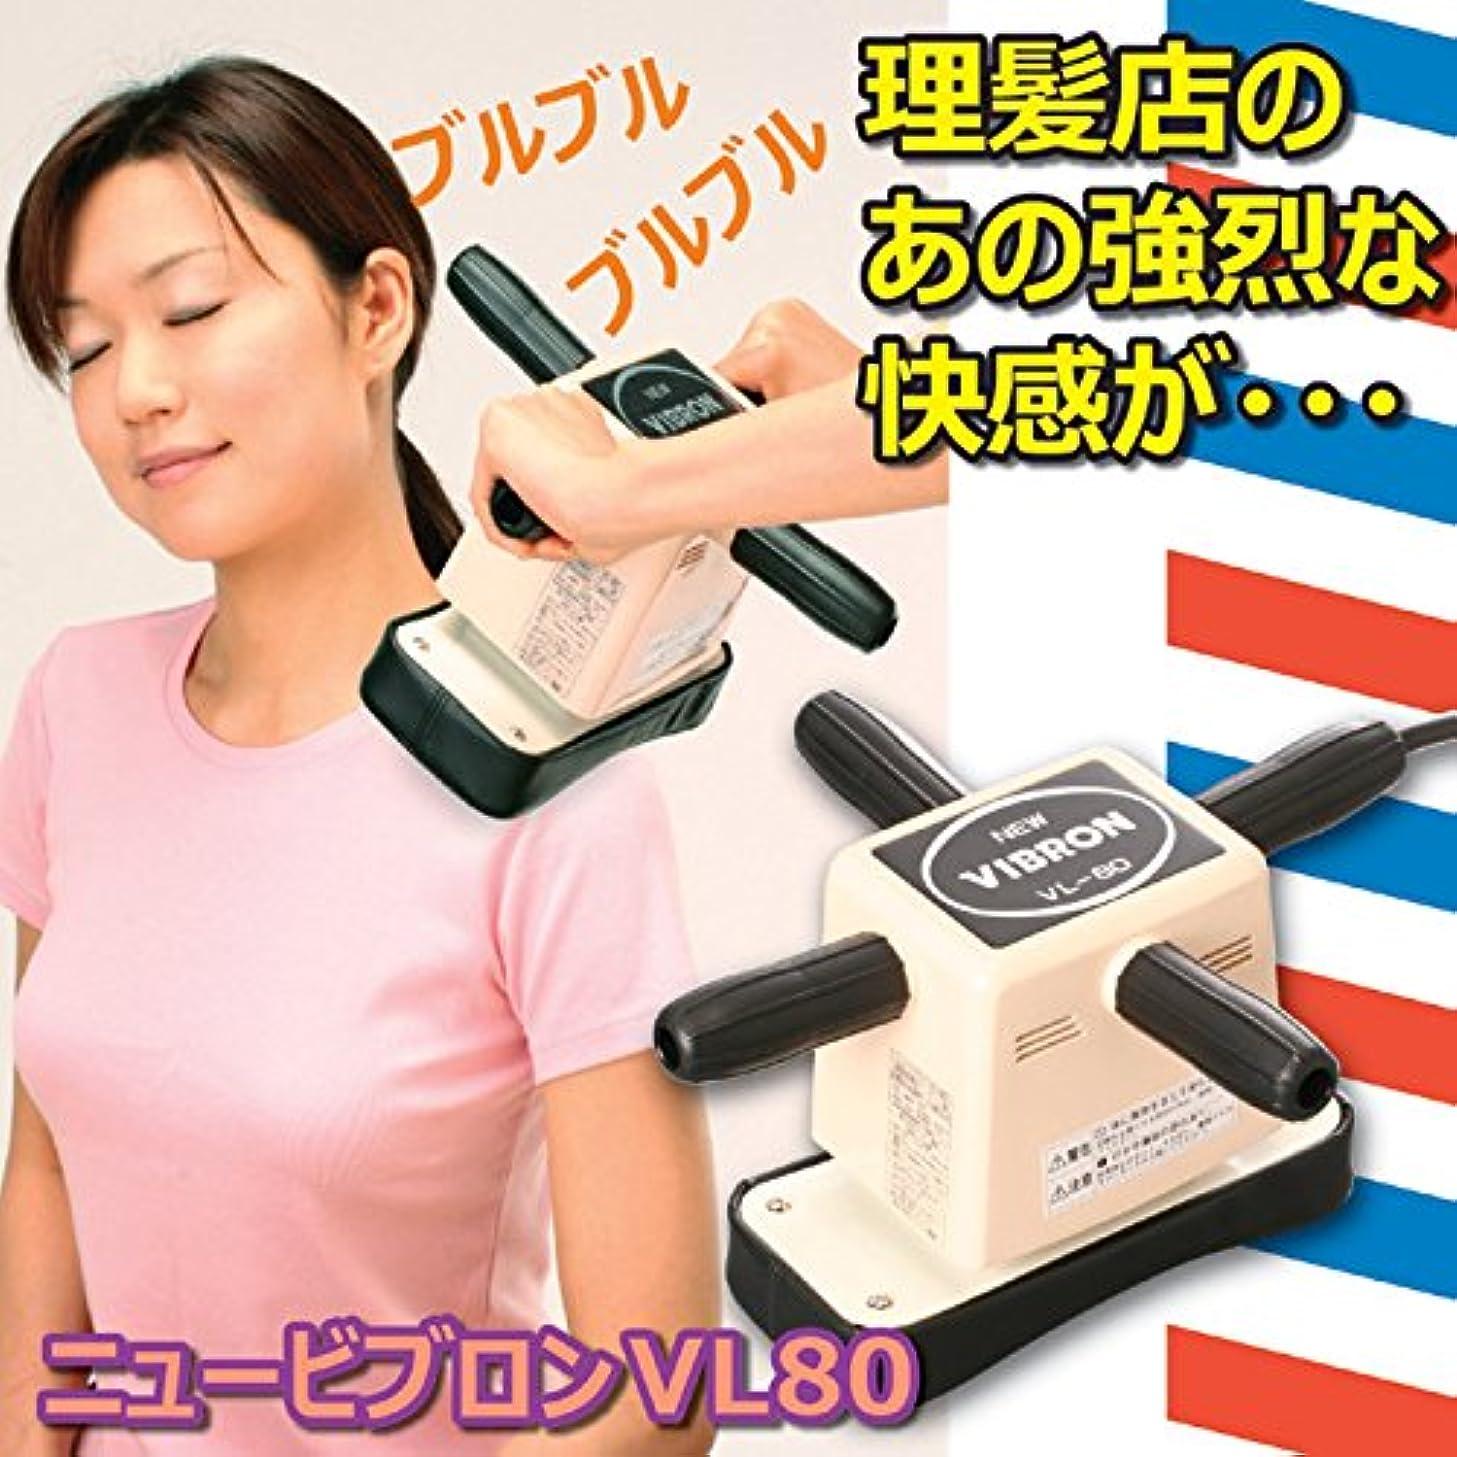 蓮王位マークされた理髪店の「サービス」でもおなじみの! 家庭用電気マッサージ器ニュービブロン 870070